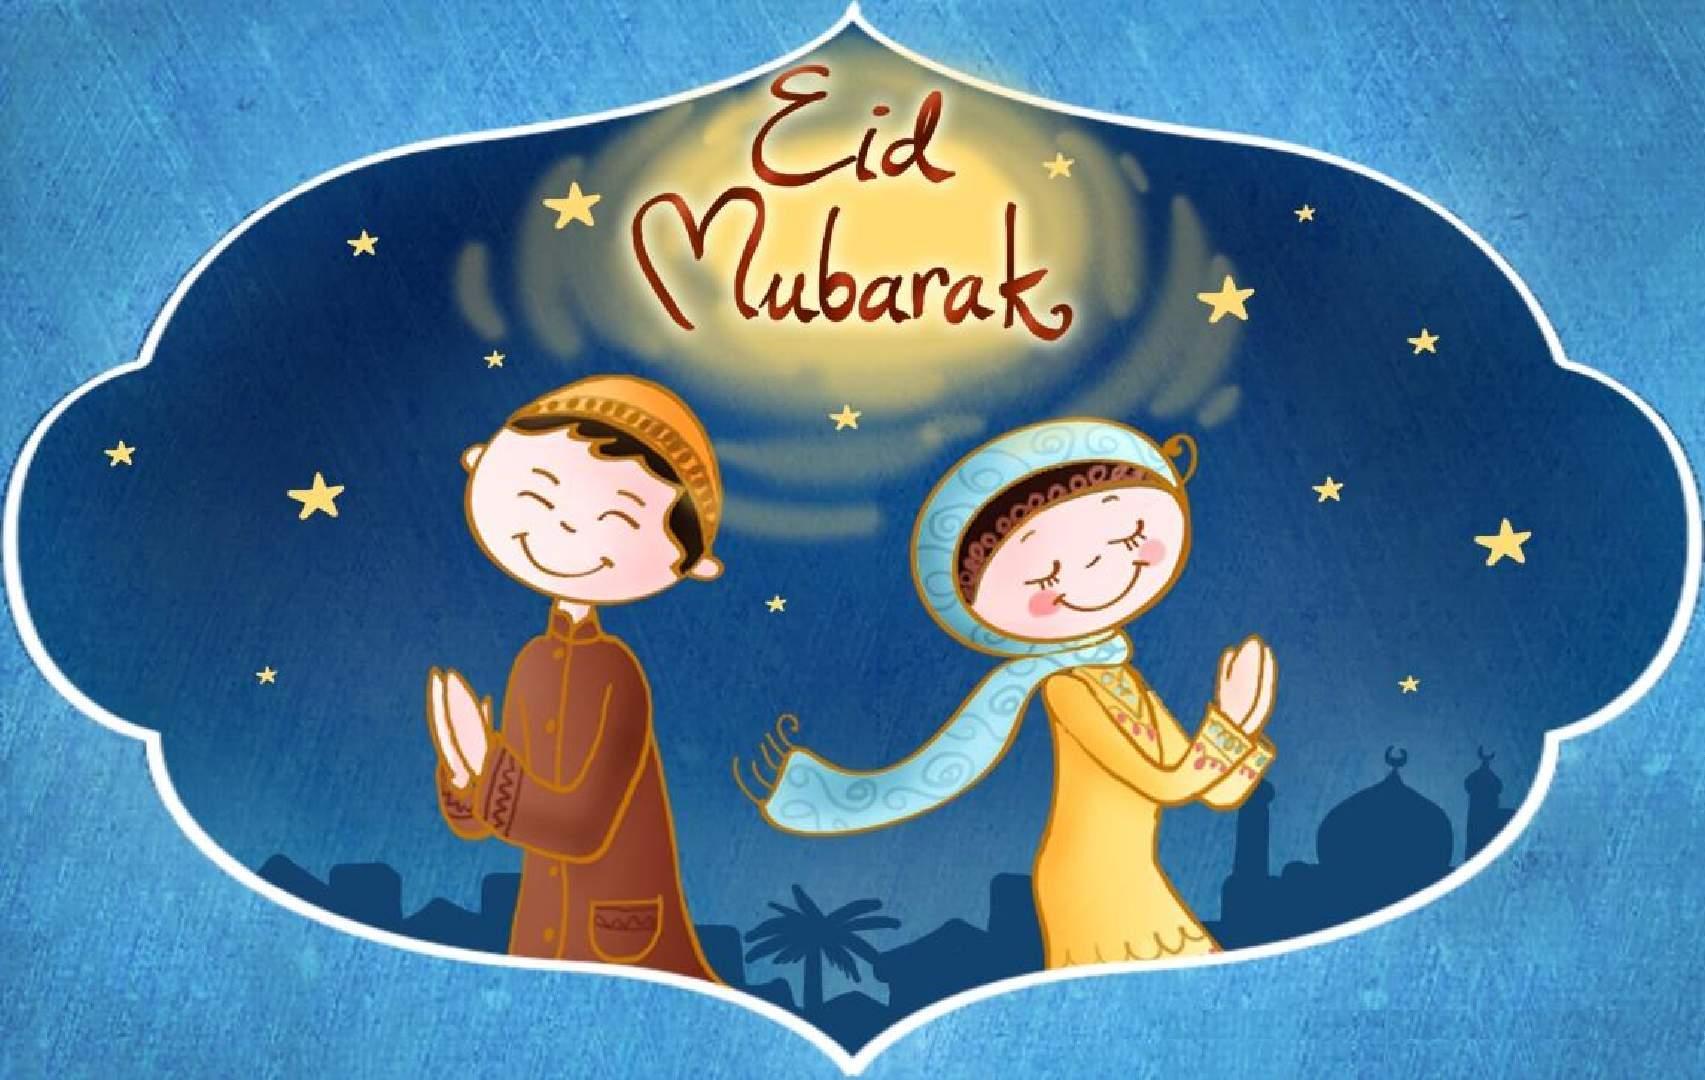 Eid mubarak from Tripbeam